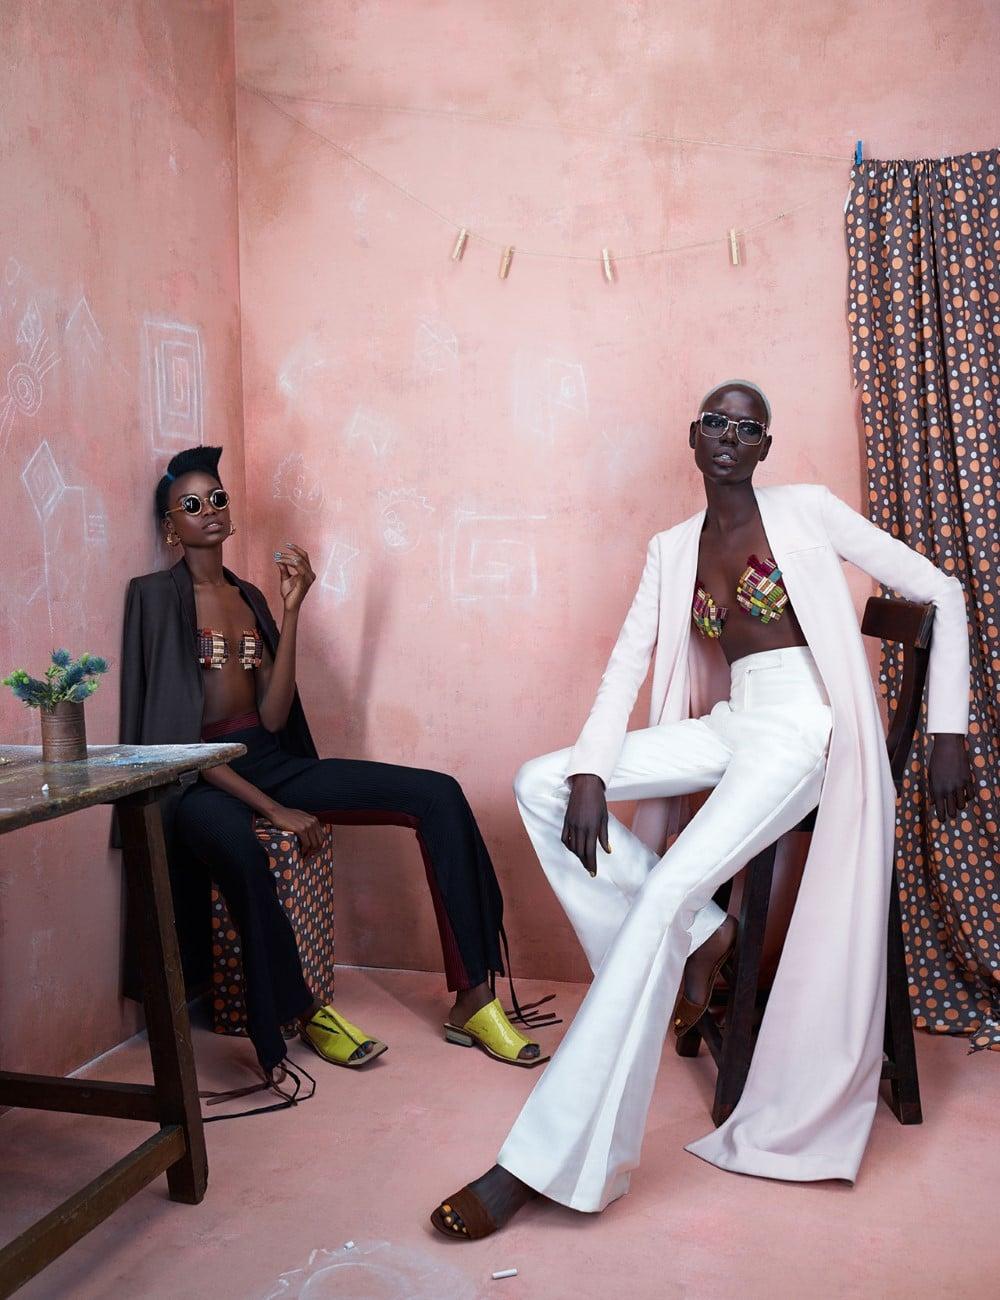 africa-rising-ed-singleton-models- (10).jpg